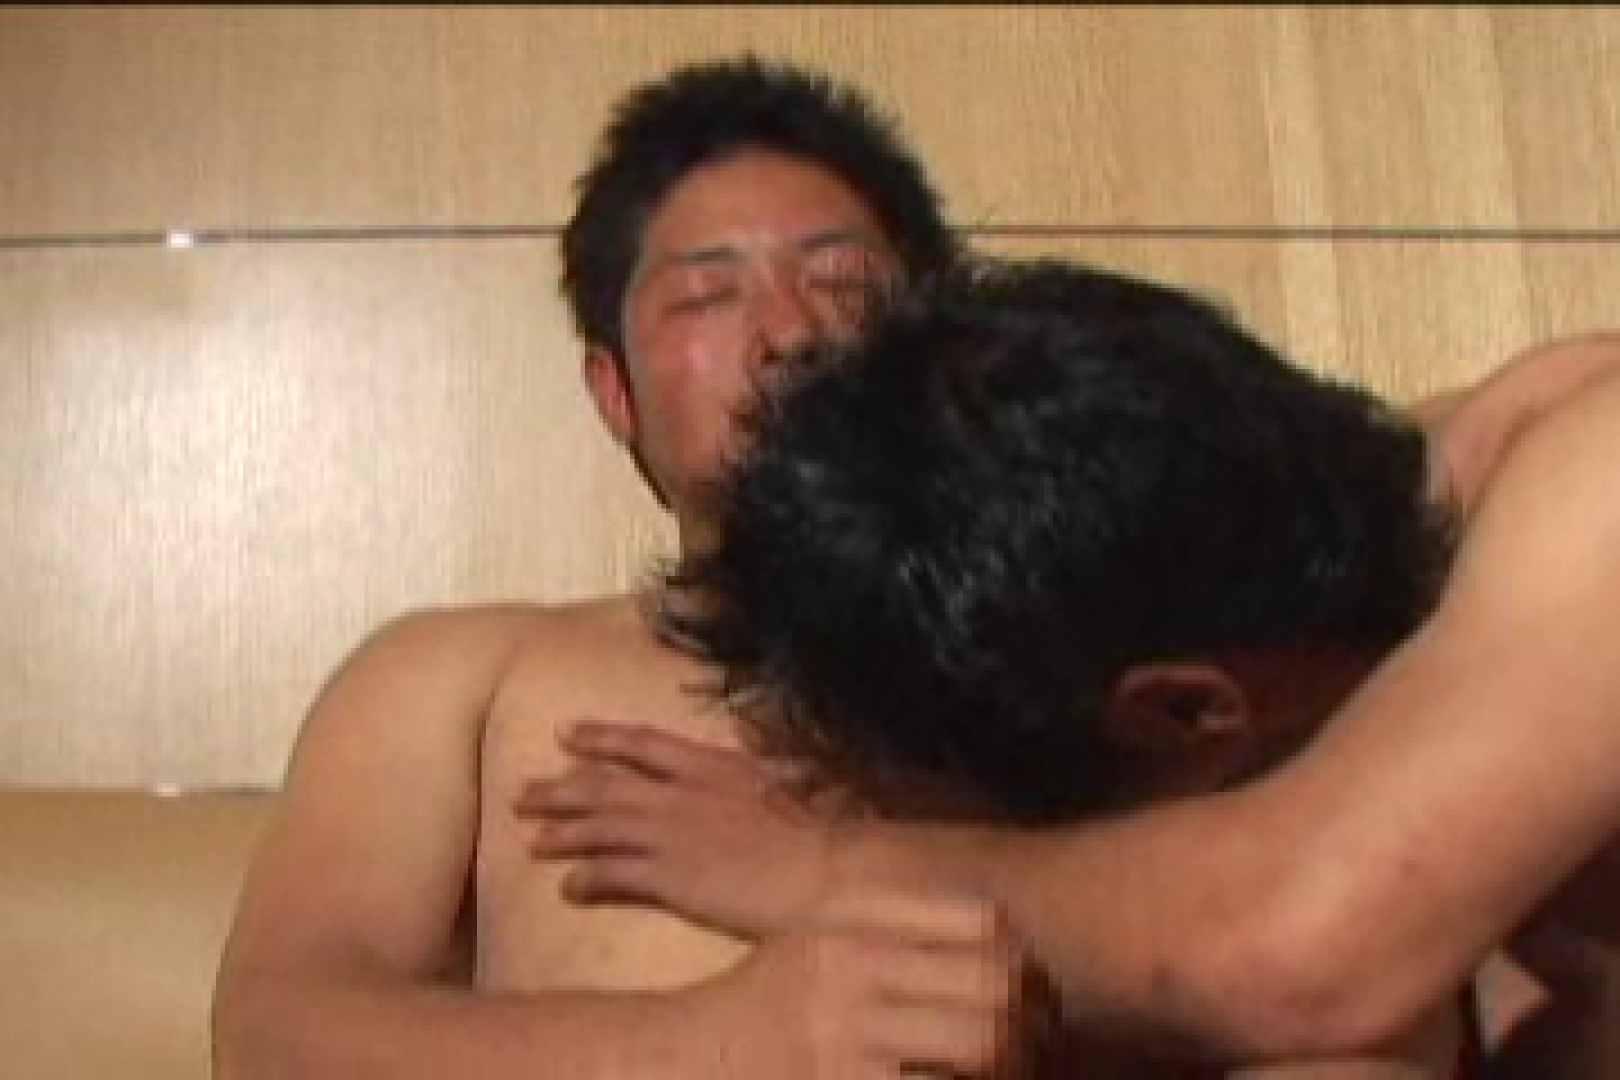 スポMENファック!!反り勃つ男根!!vol.9 フェラ天国 ゲイヌード画像 92pic 29